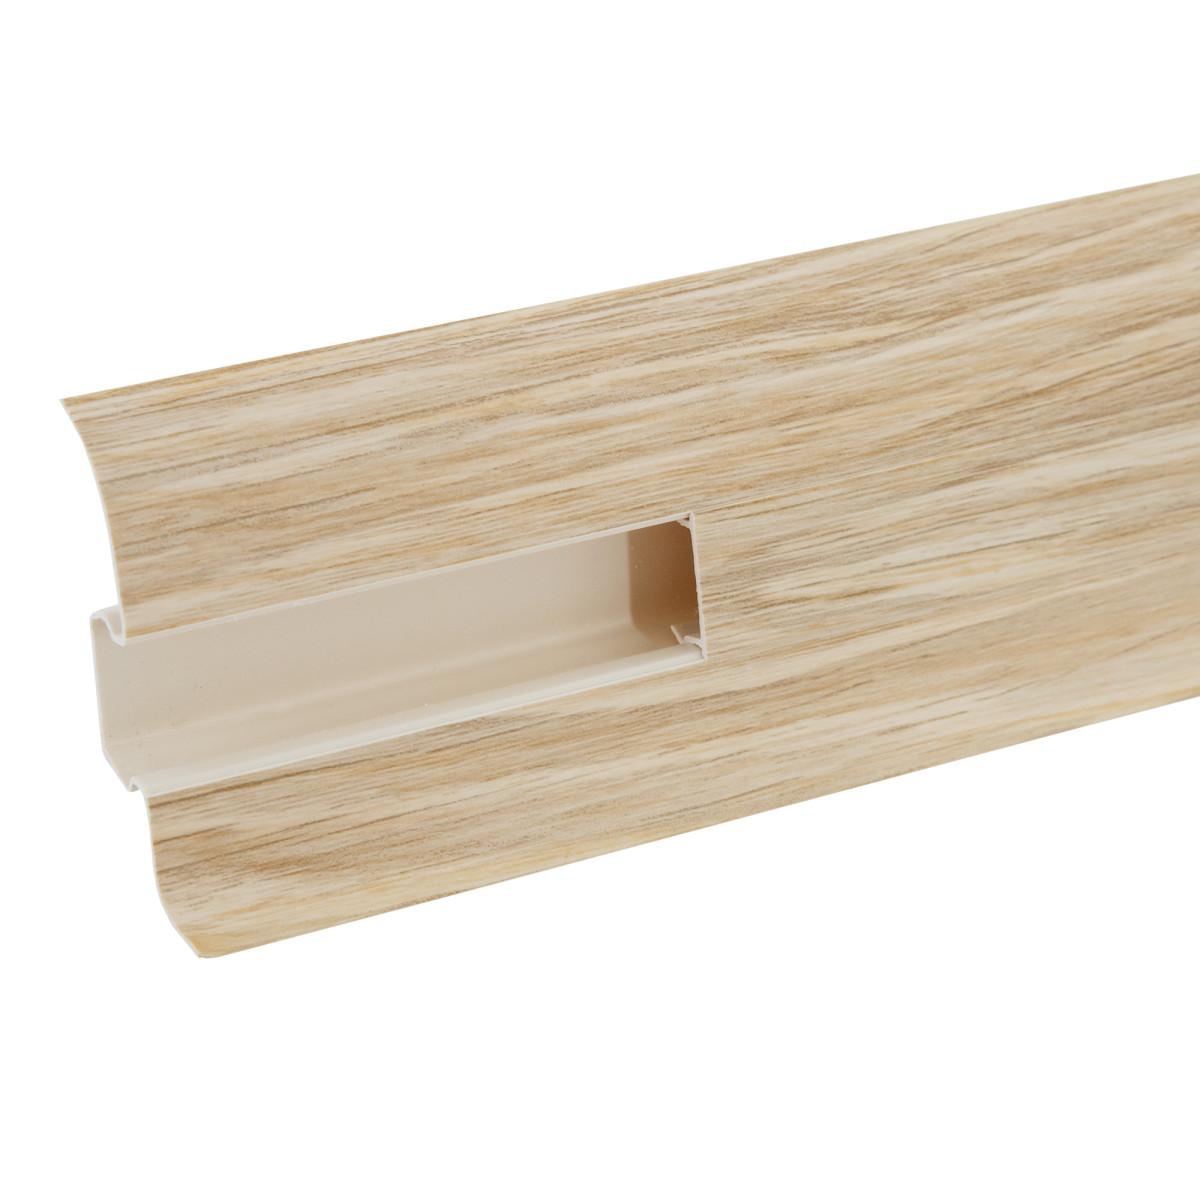 Плинтус напольный ПВХ Дуб сибирский высота 62 мм длина 2.5 м